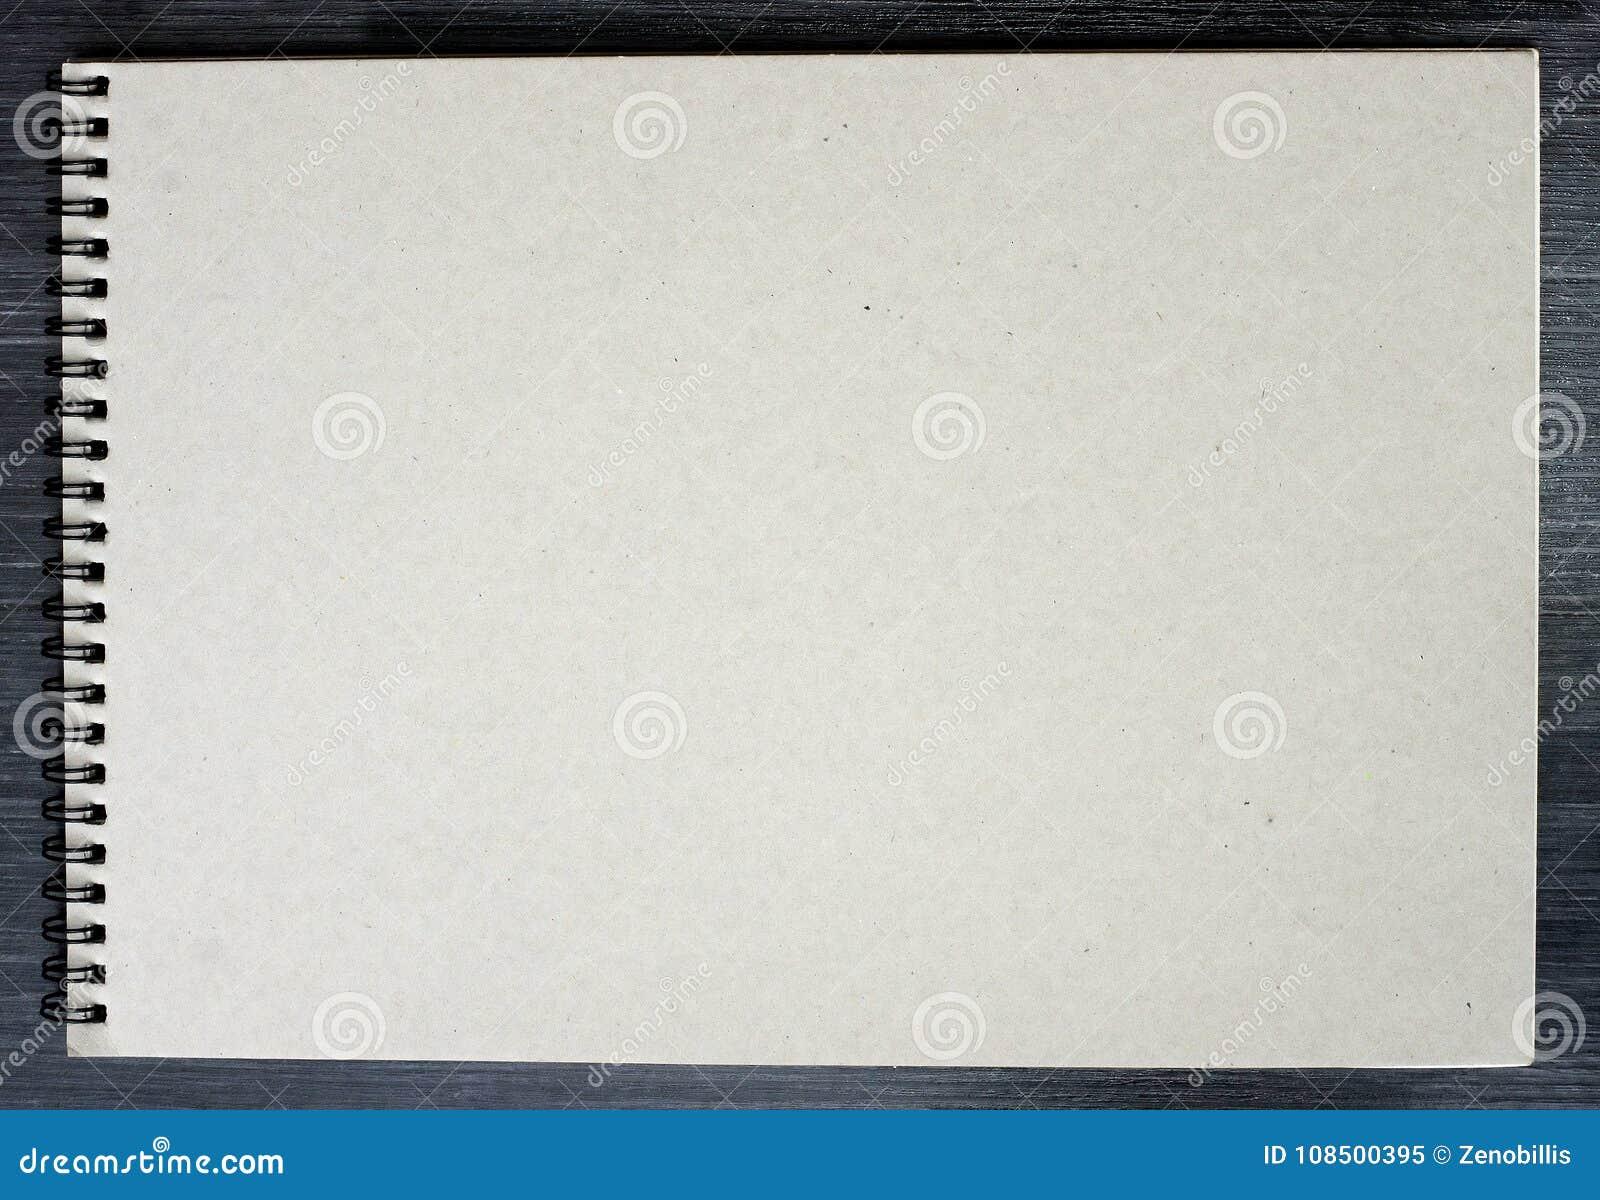 Bloco de notas vazio para esboçar com as páginas do cartão no fundo preto